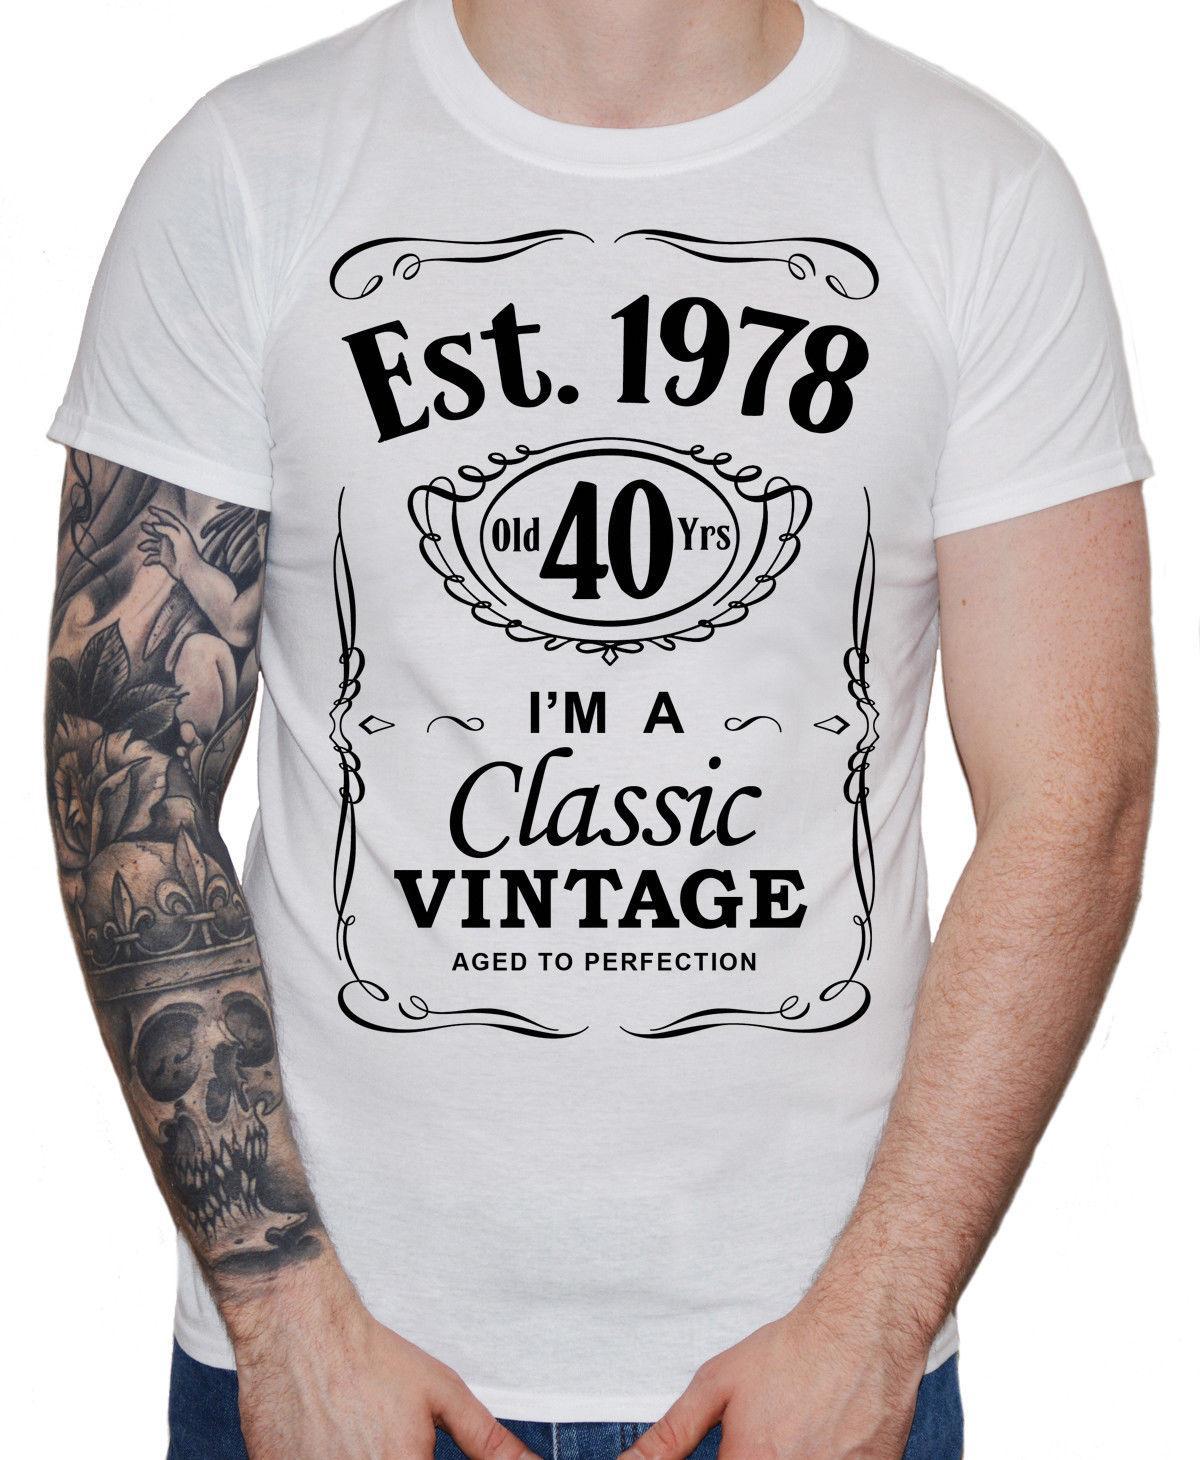 Herren 40 Geburtstag T Shirt Est 1978 Vintage Man Vierzigstel 40